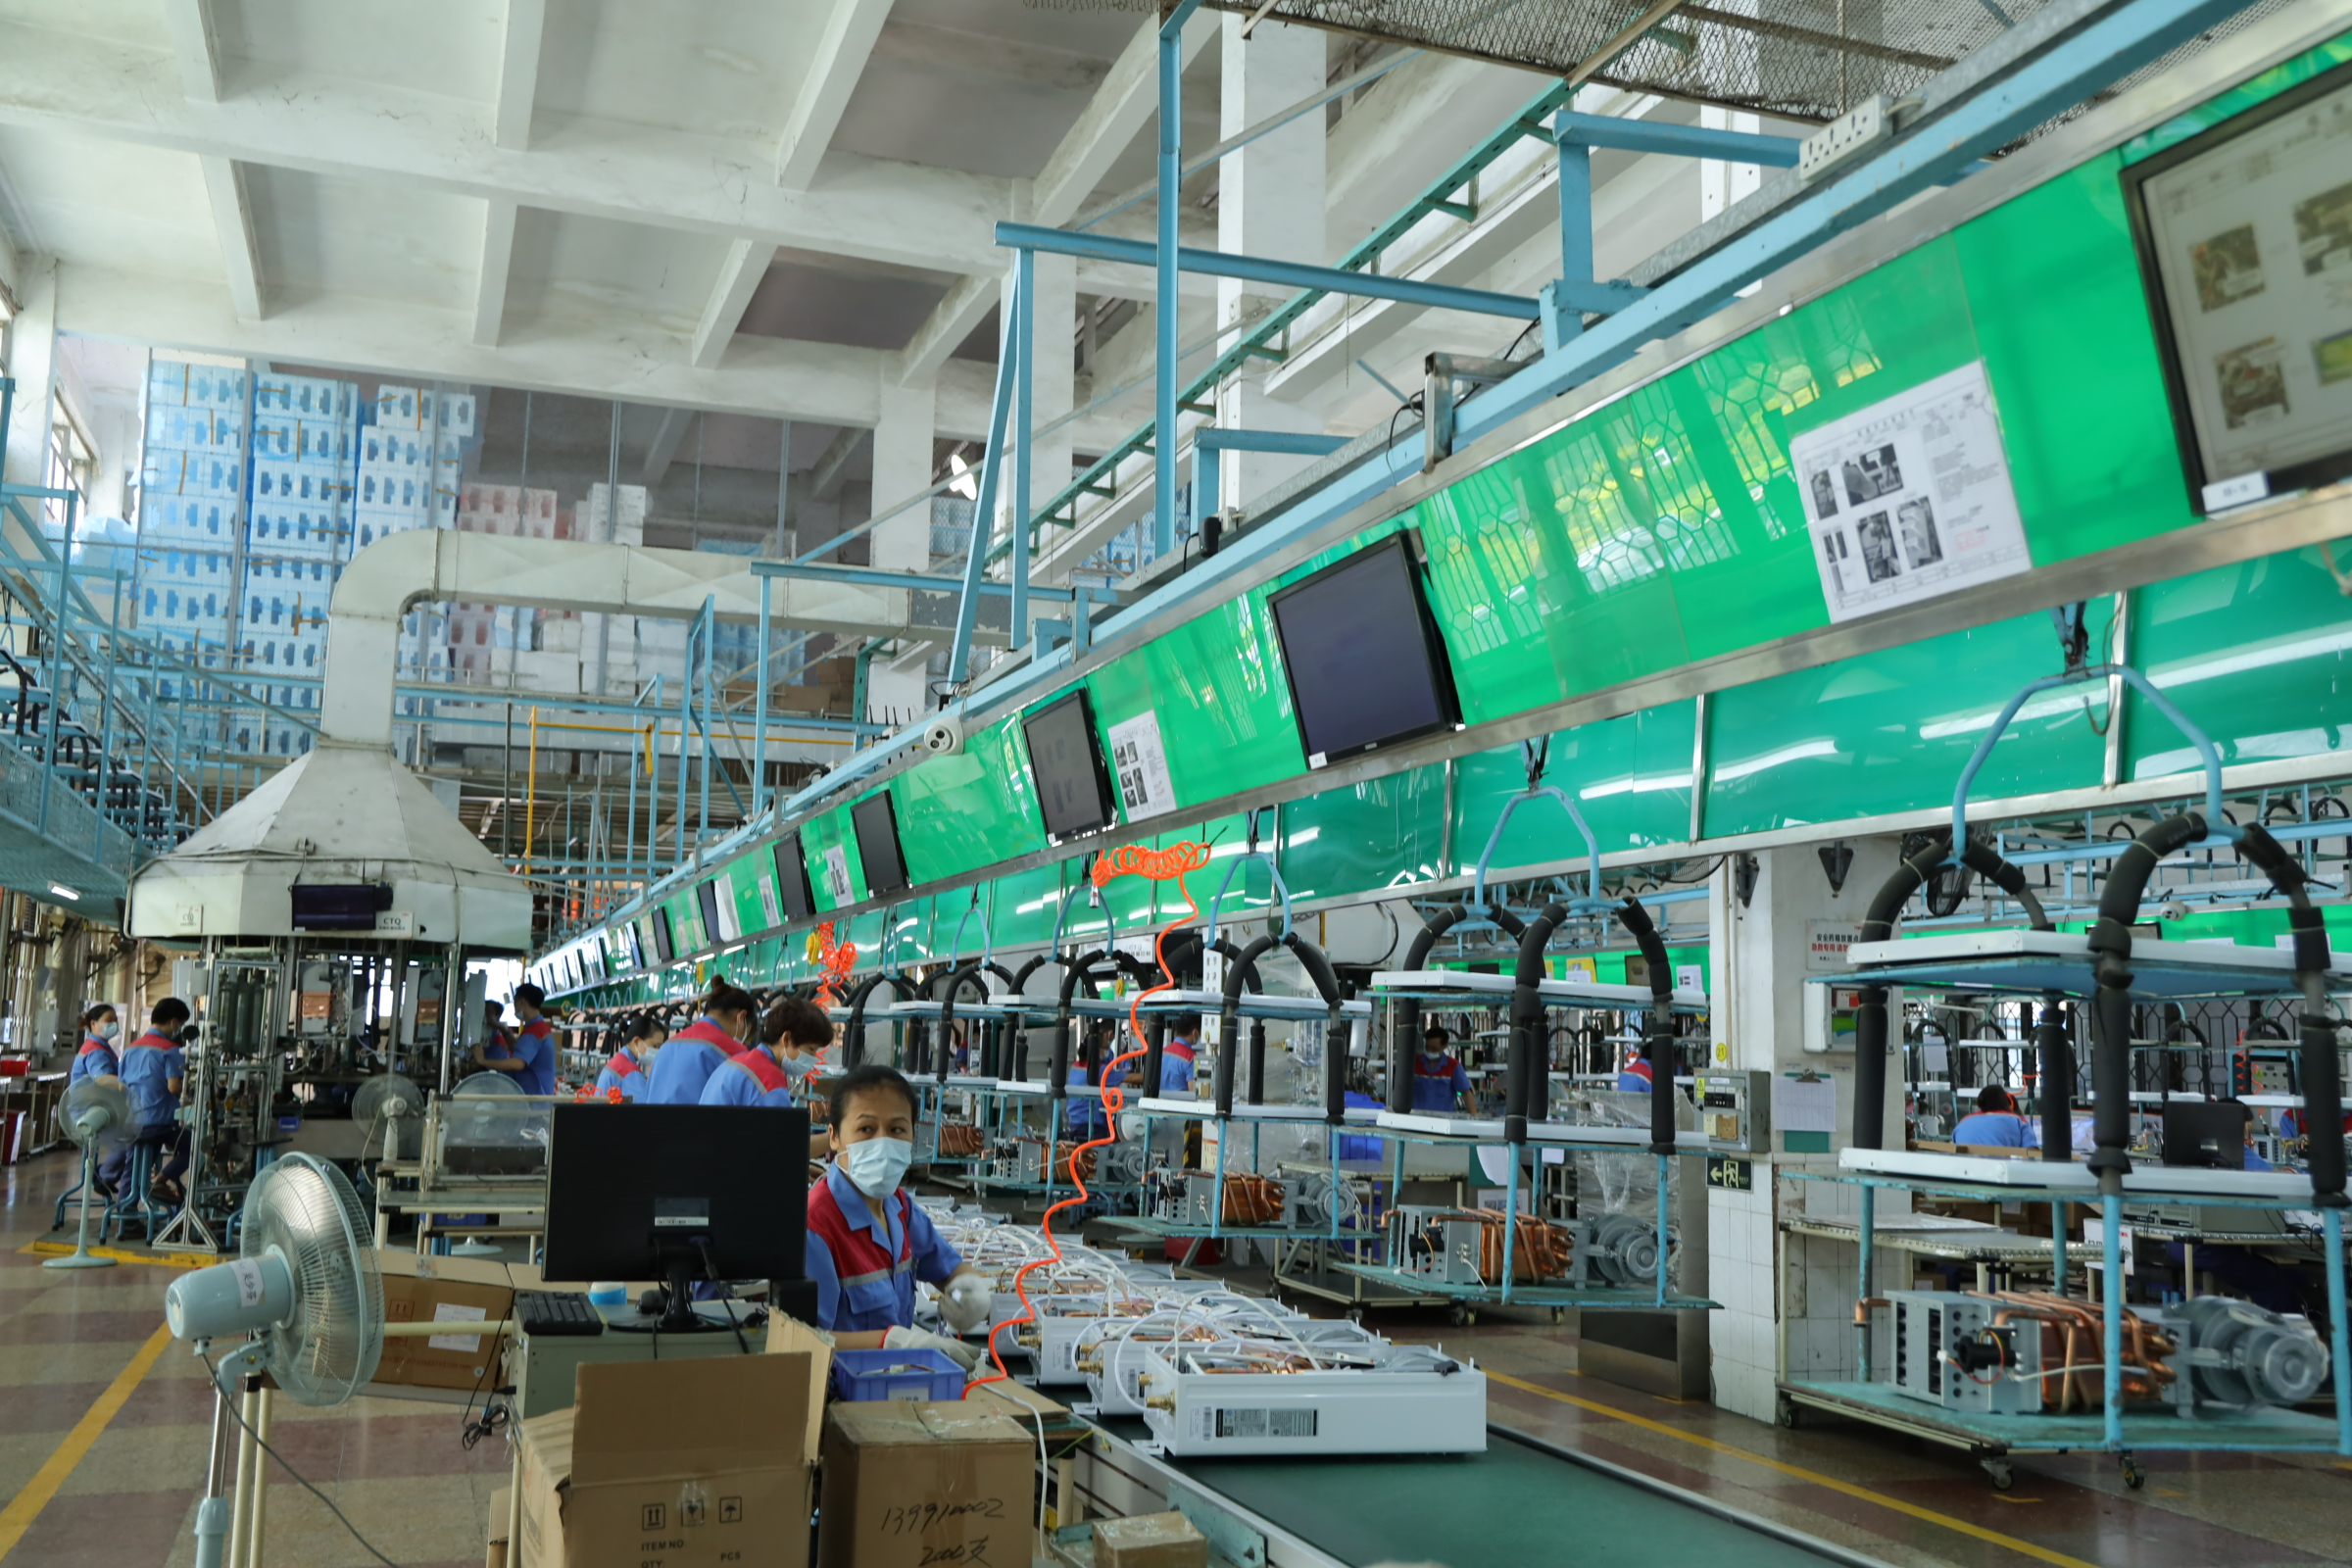 大城工匠丨万家乐邓海燕:以用户为中心打造高质量产品